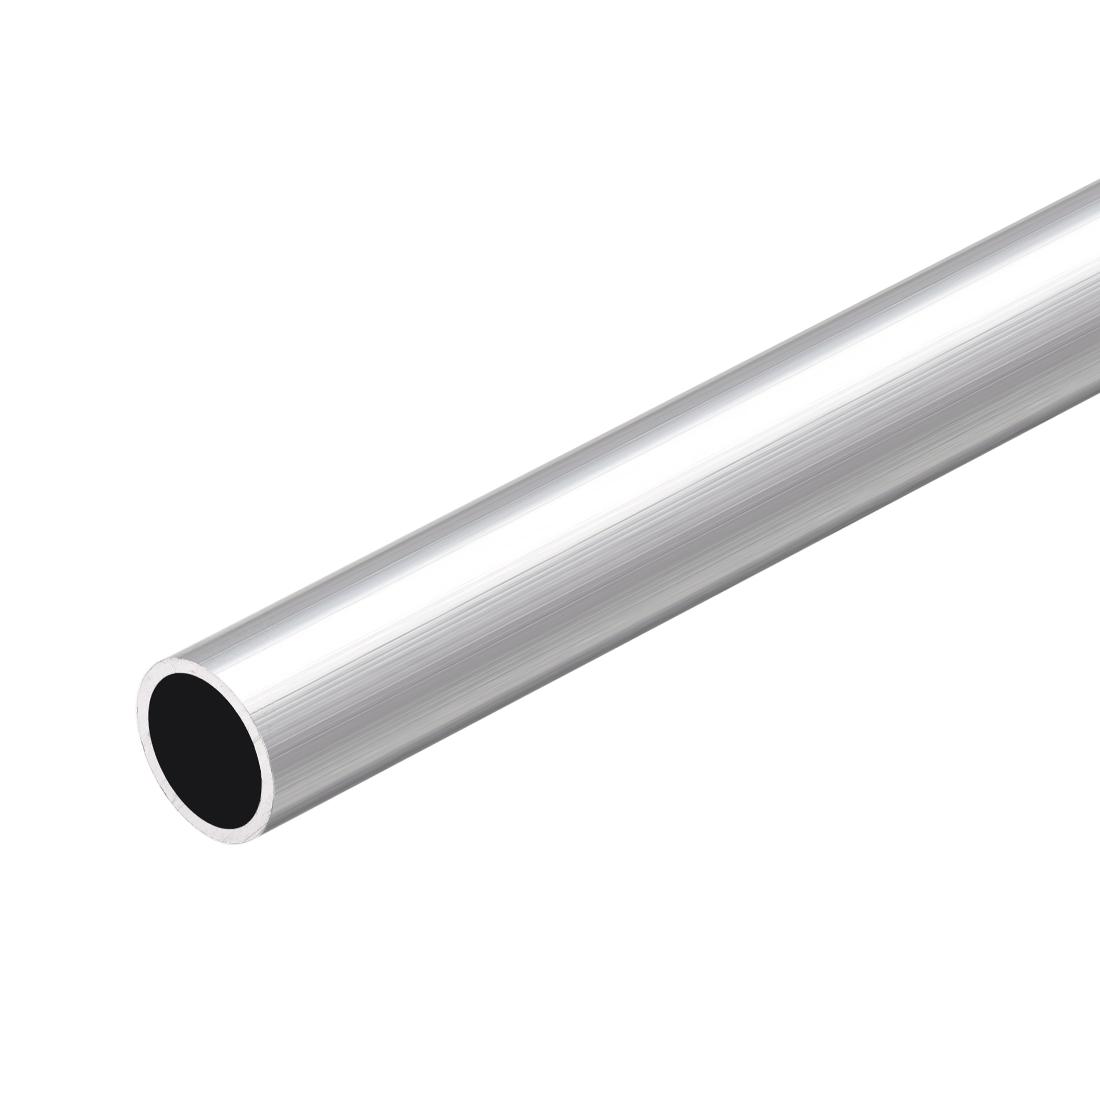 6063 Aluminum Round Tube 300mm Length 13mm OD 11mm Inner Dia Seamless Tubing